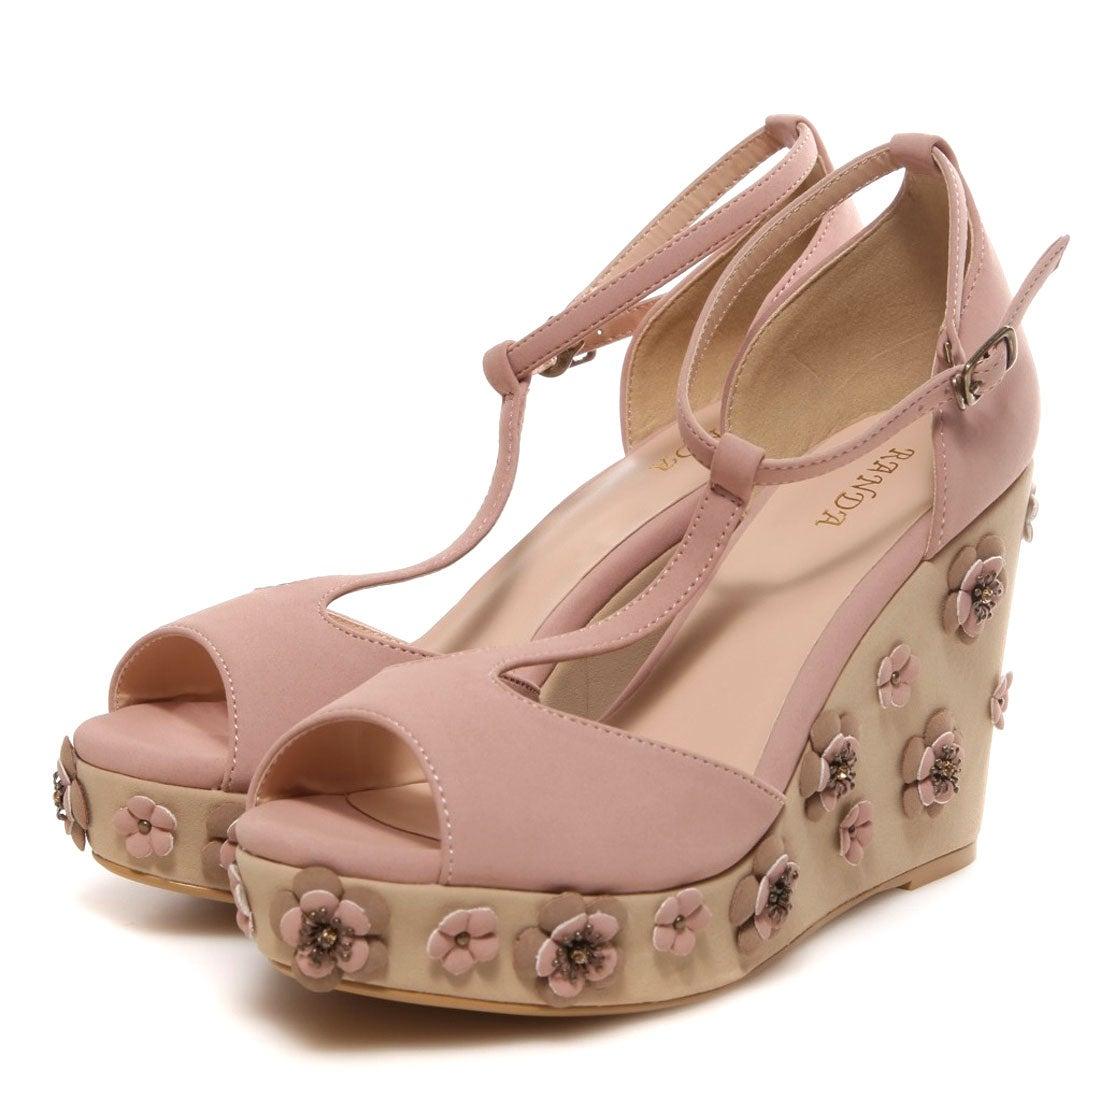 ランダ RANDA Tストラップフラワーウェッジサンダル(ピンク) ,靴とファッションの通販サイト ロコンド